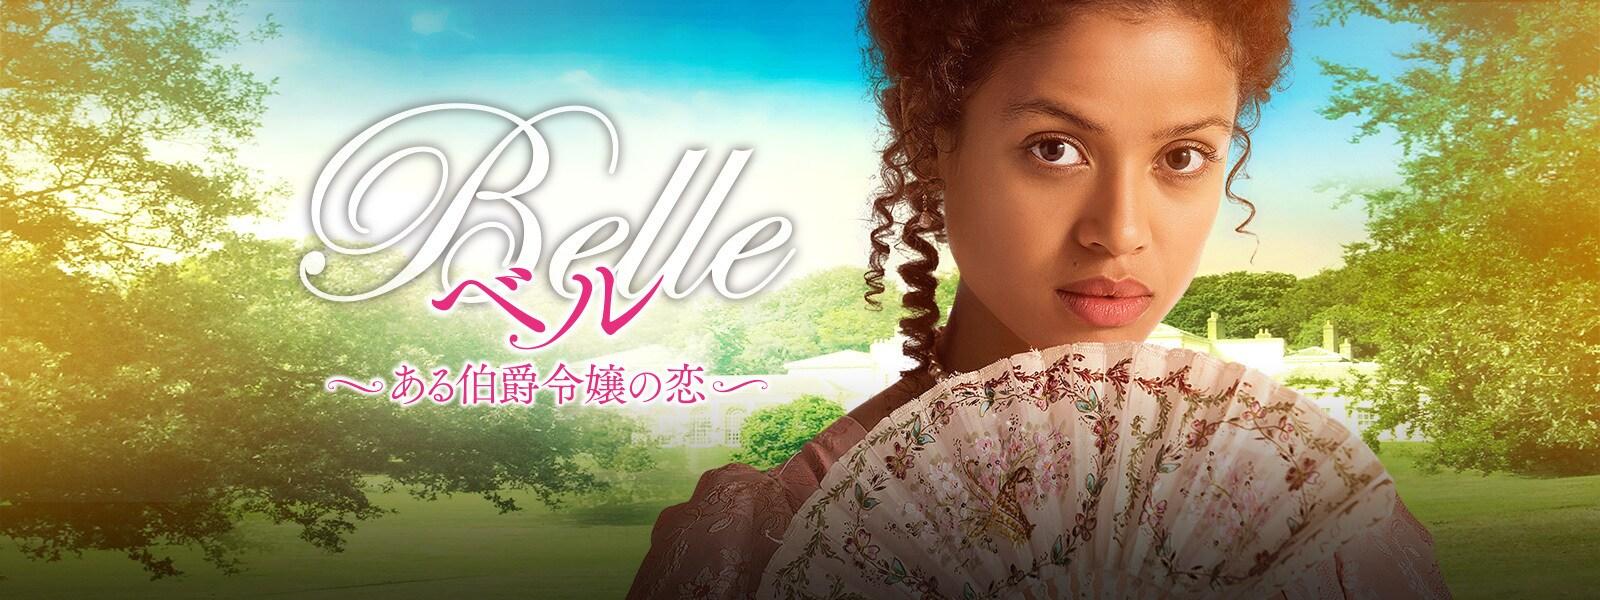 ベル—ある伯爵令嬢の恋— Belle Hero Object